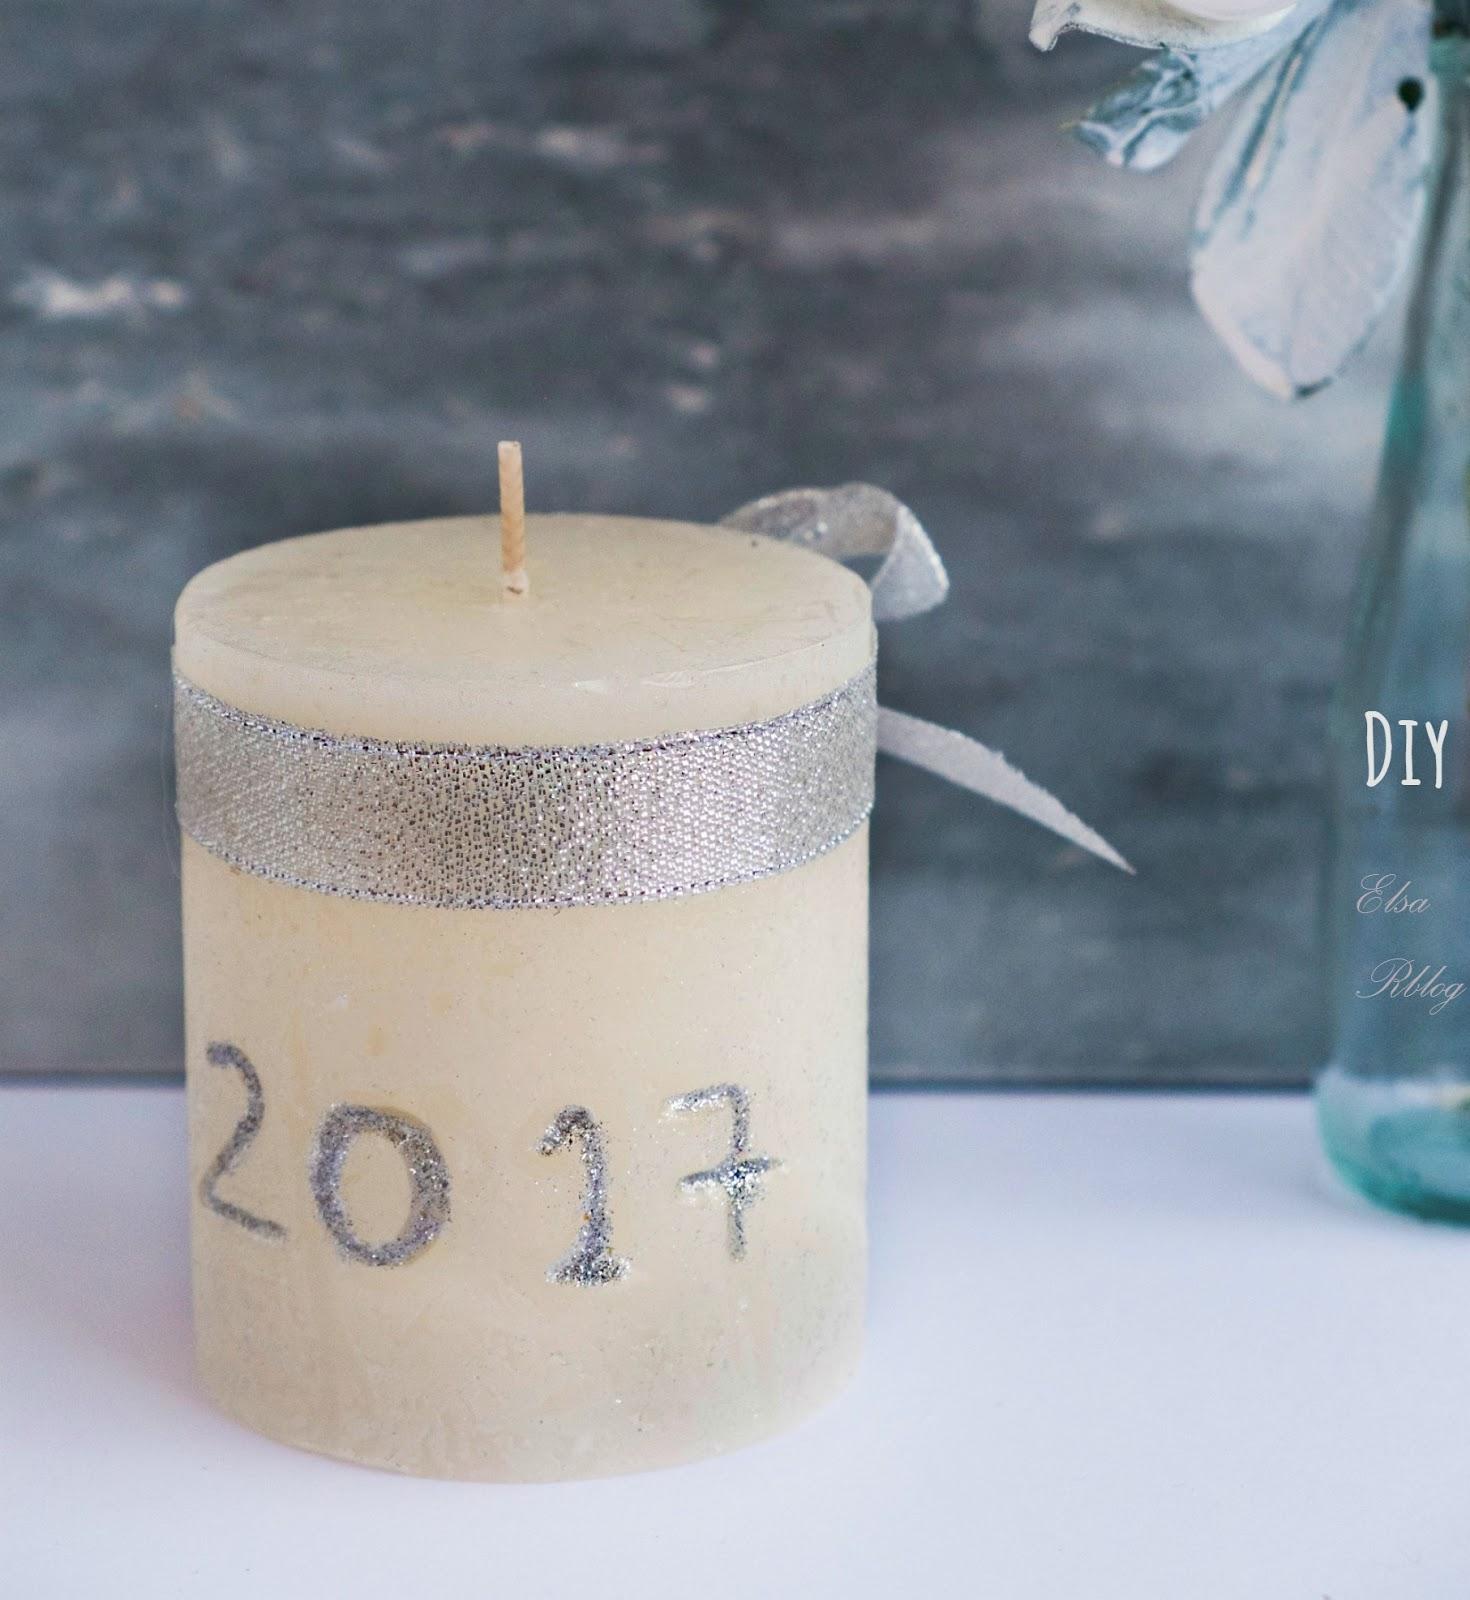 Zelf een kaars maken voor nieuwjaar - Diy decoratie